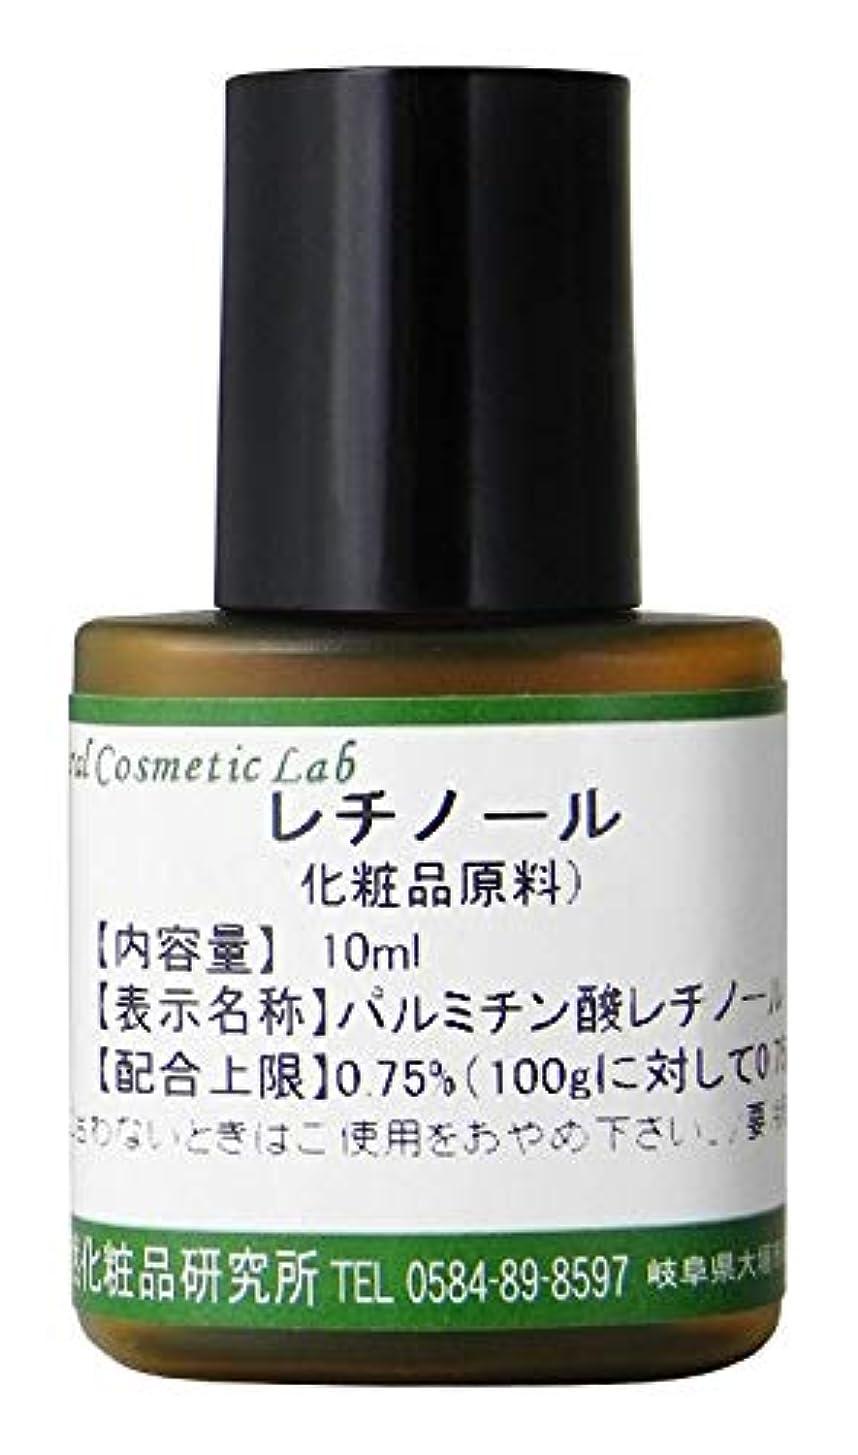 バインド見えるクローンレチノール 10ml 【手作り化粧品原料】